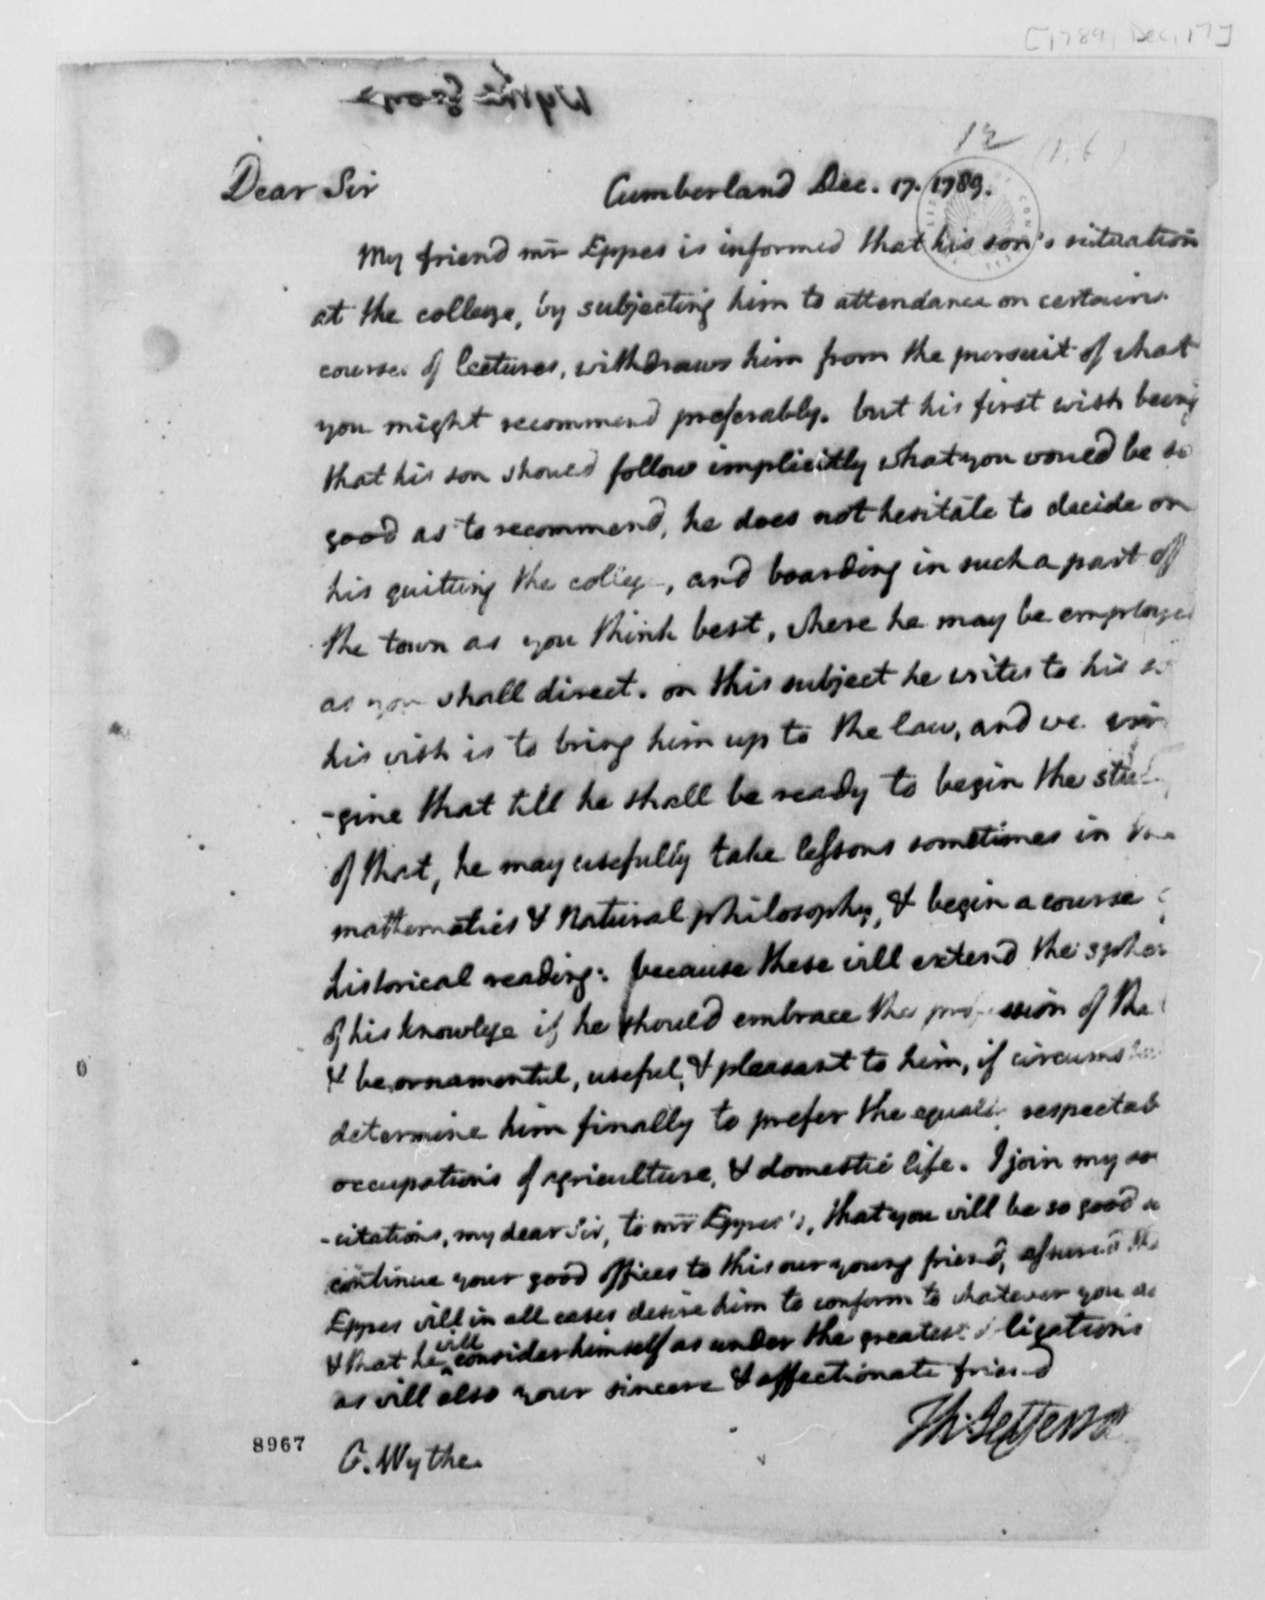 Thomas Jefferson to George Wythe, December 17, 1789